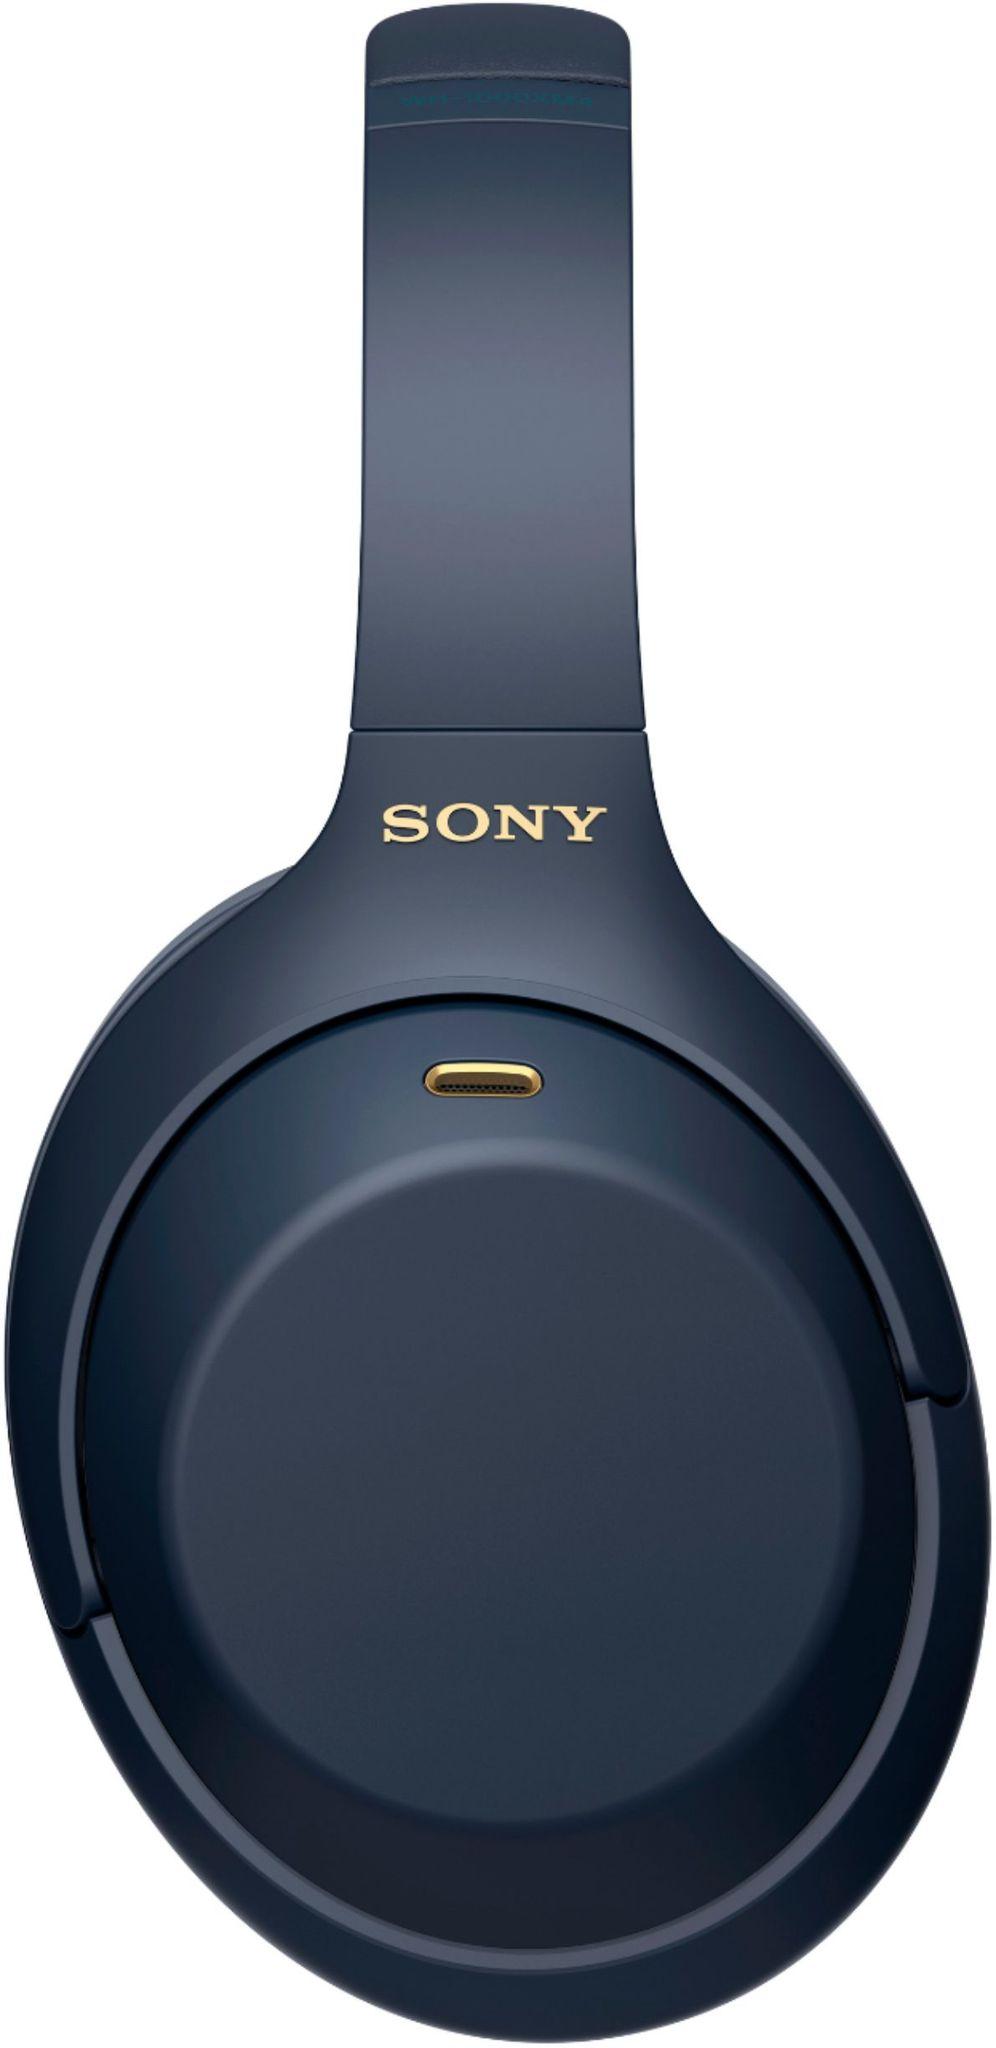 Беспроводные наушники Sony WH-1000XM4L синего цвета с шумоподавлением